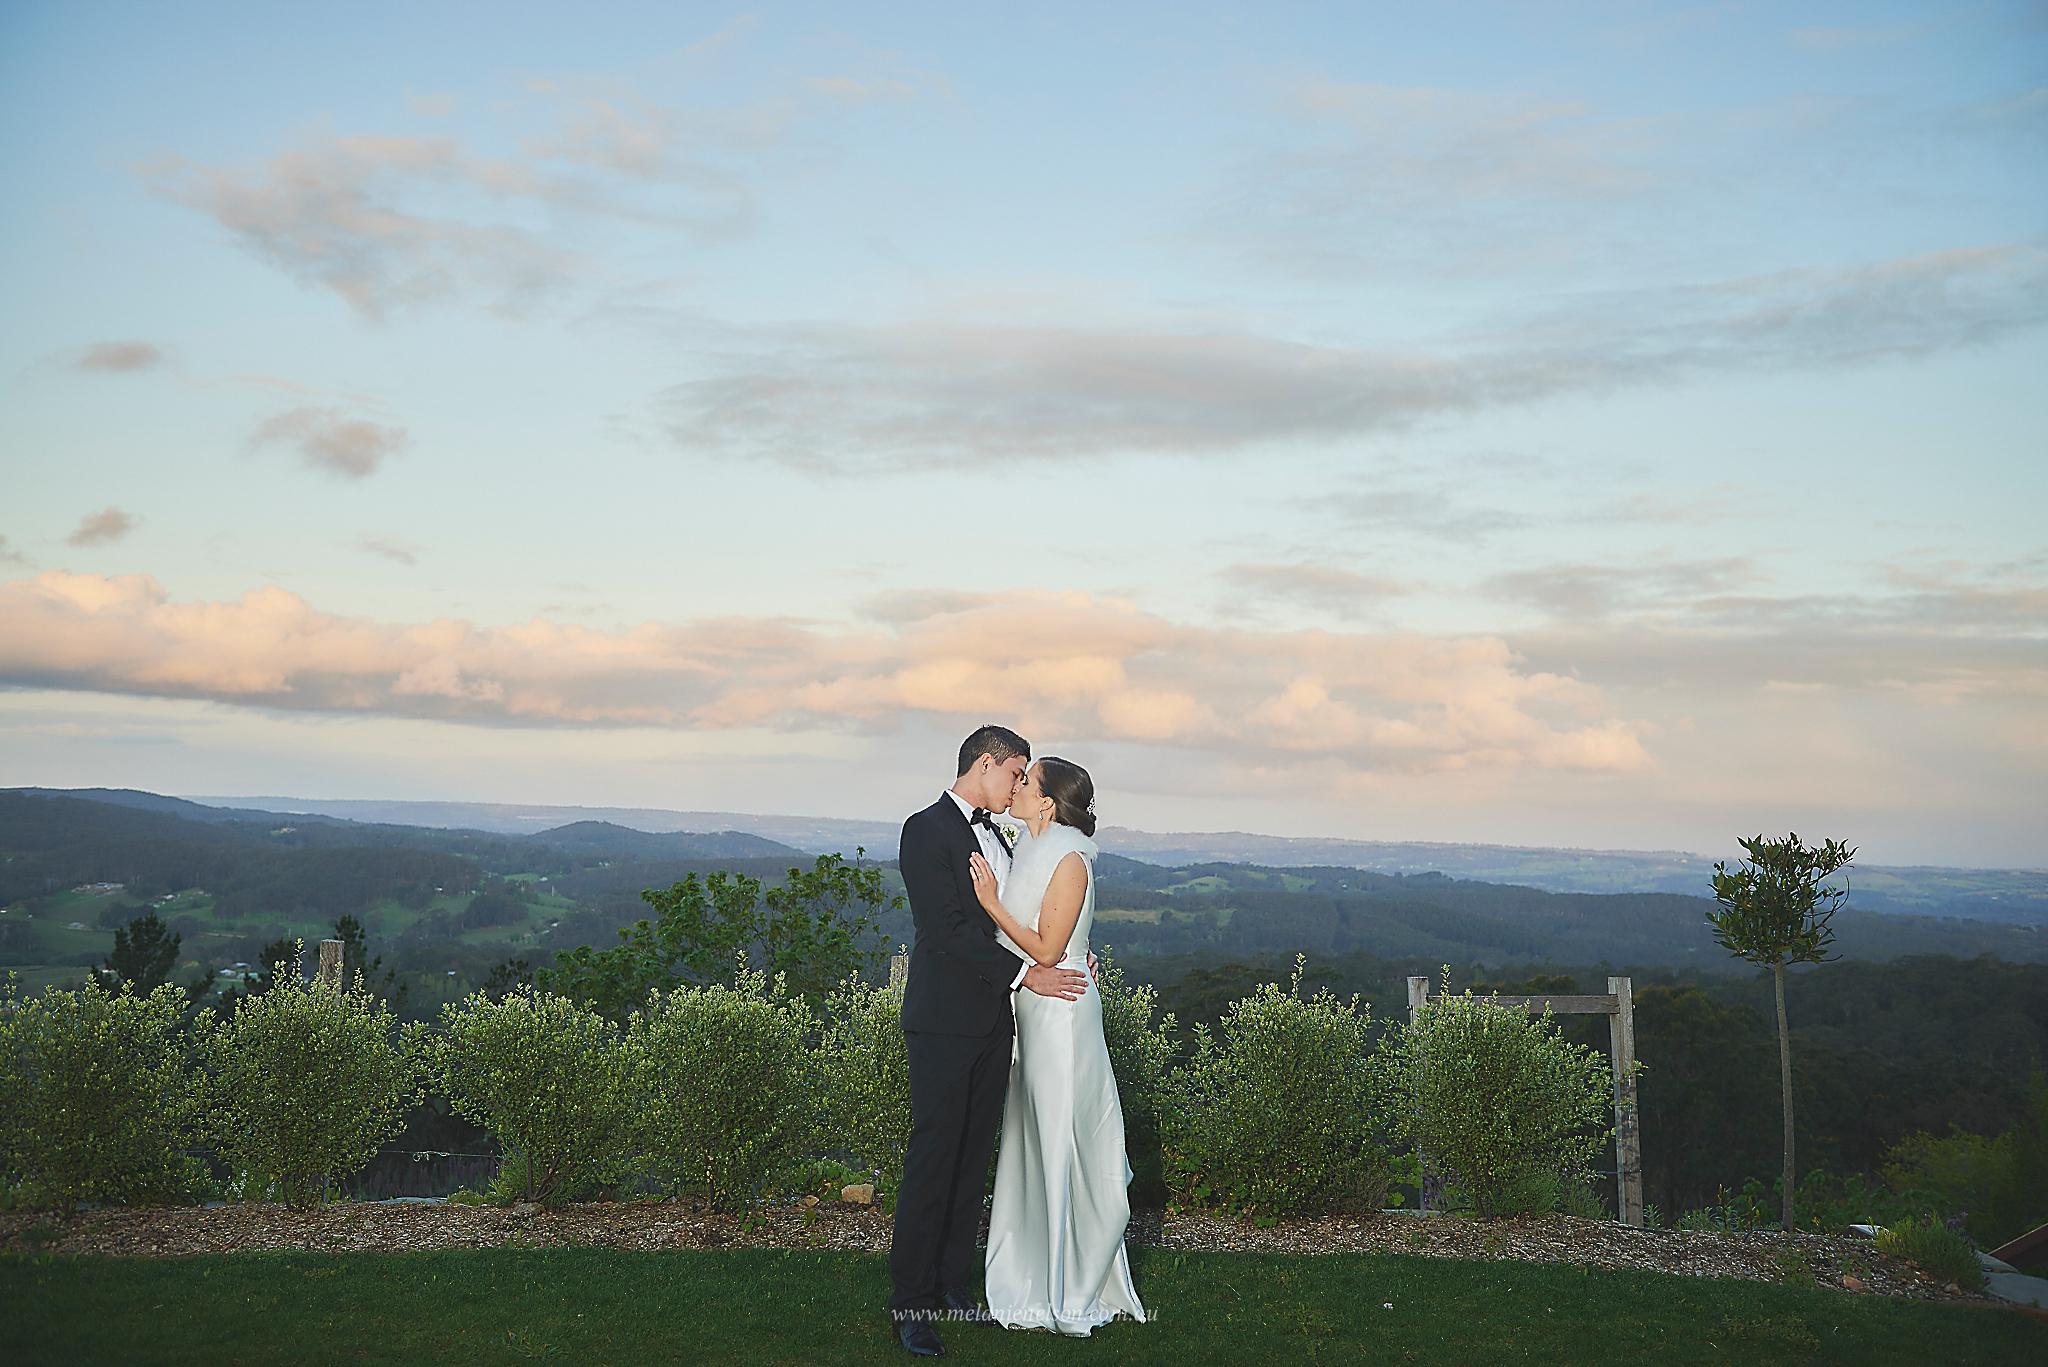 adelaide_hills_wedding_photography_0033.jpg